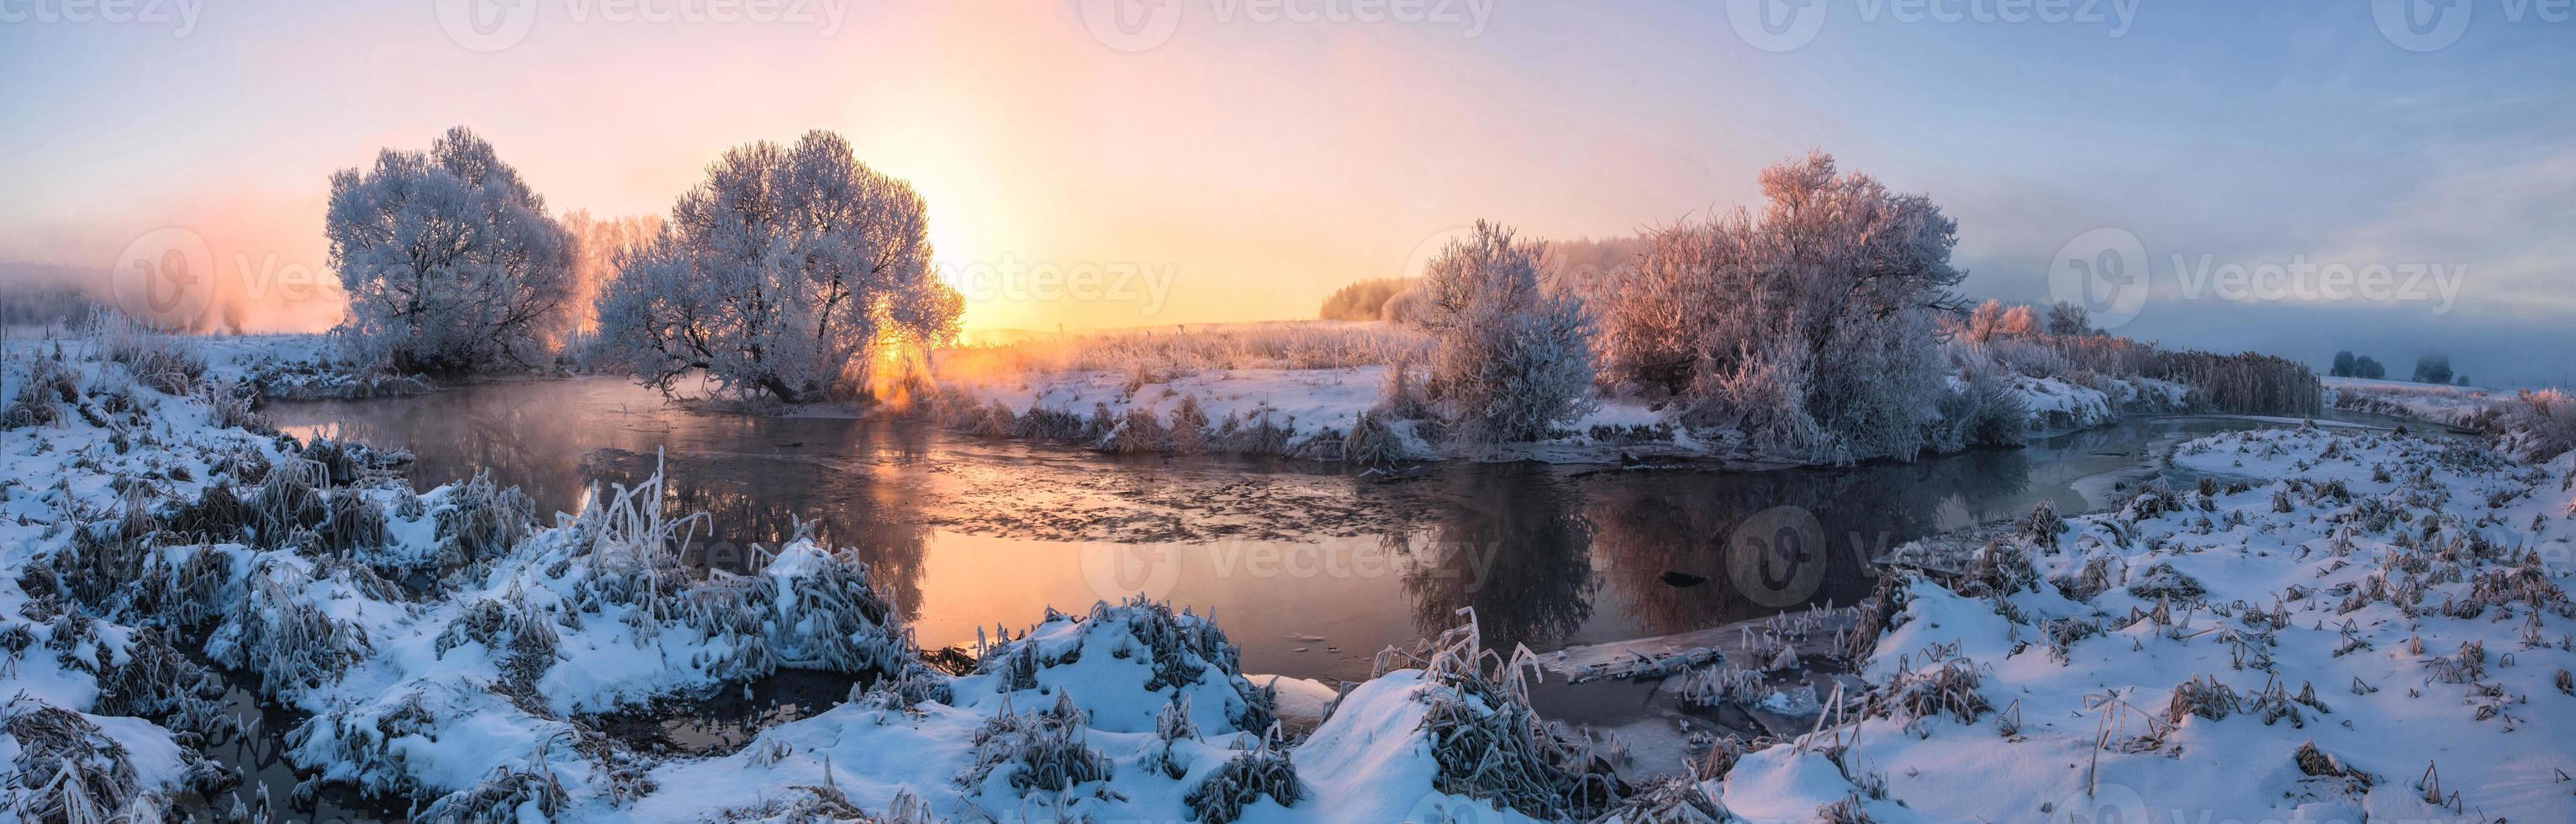 fairy landskap foto